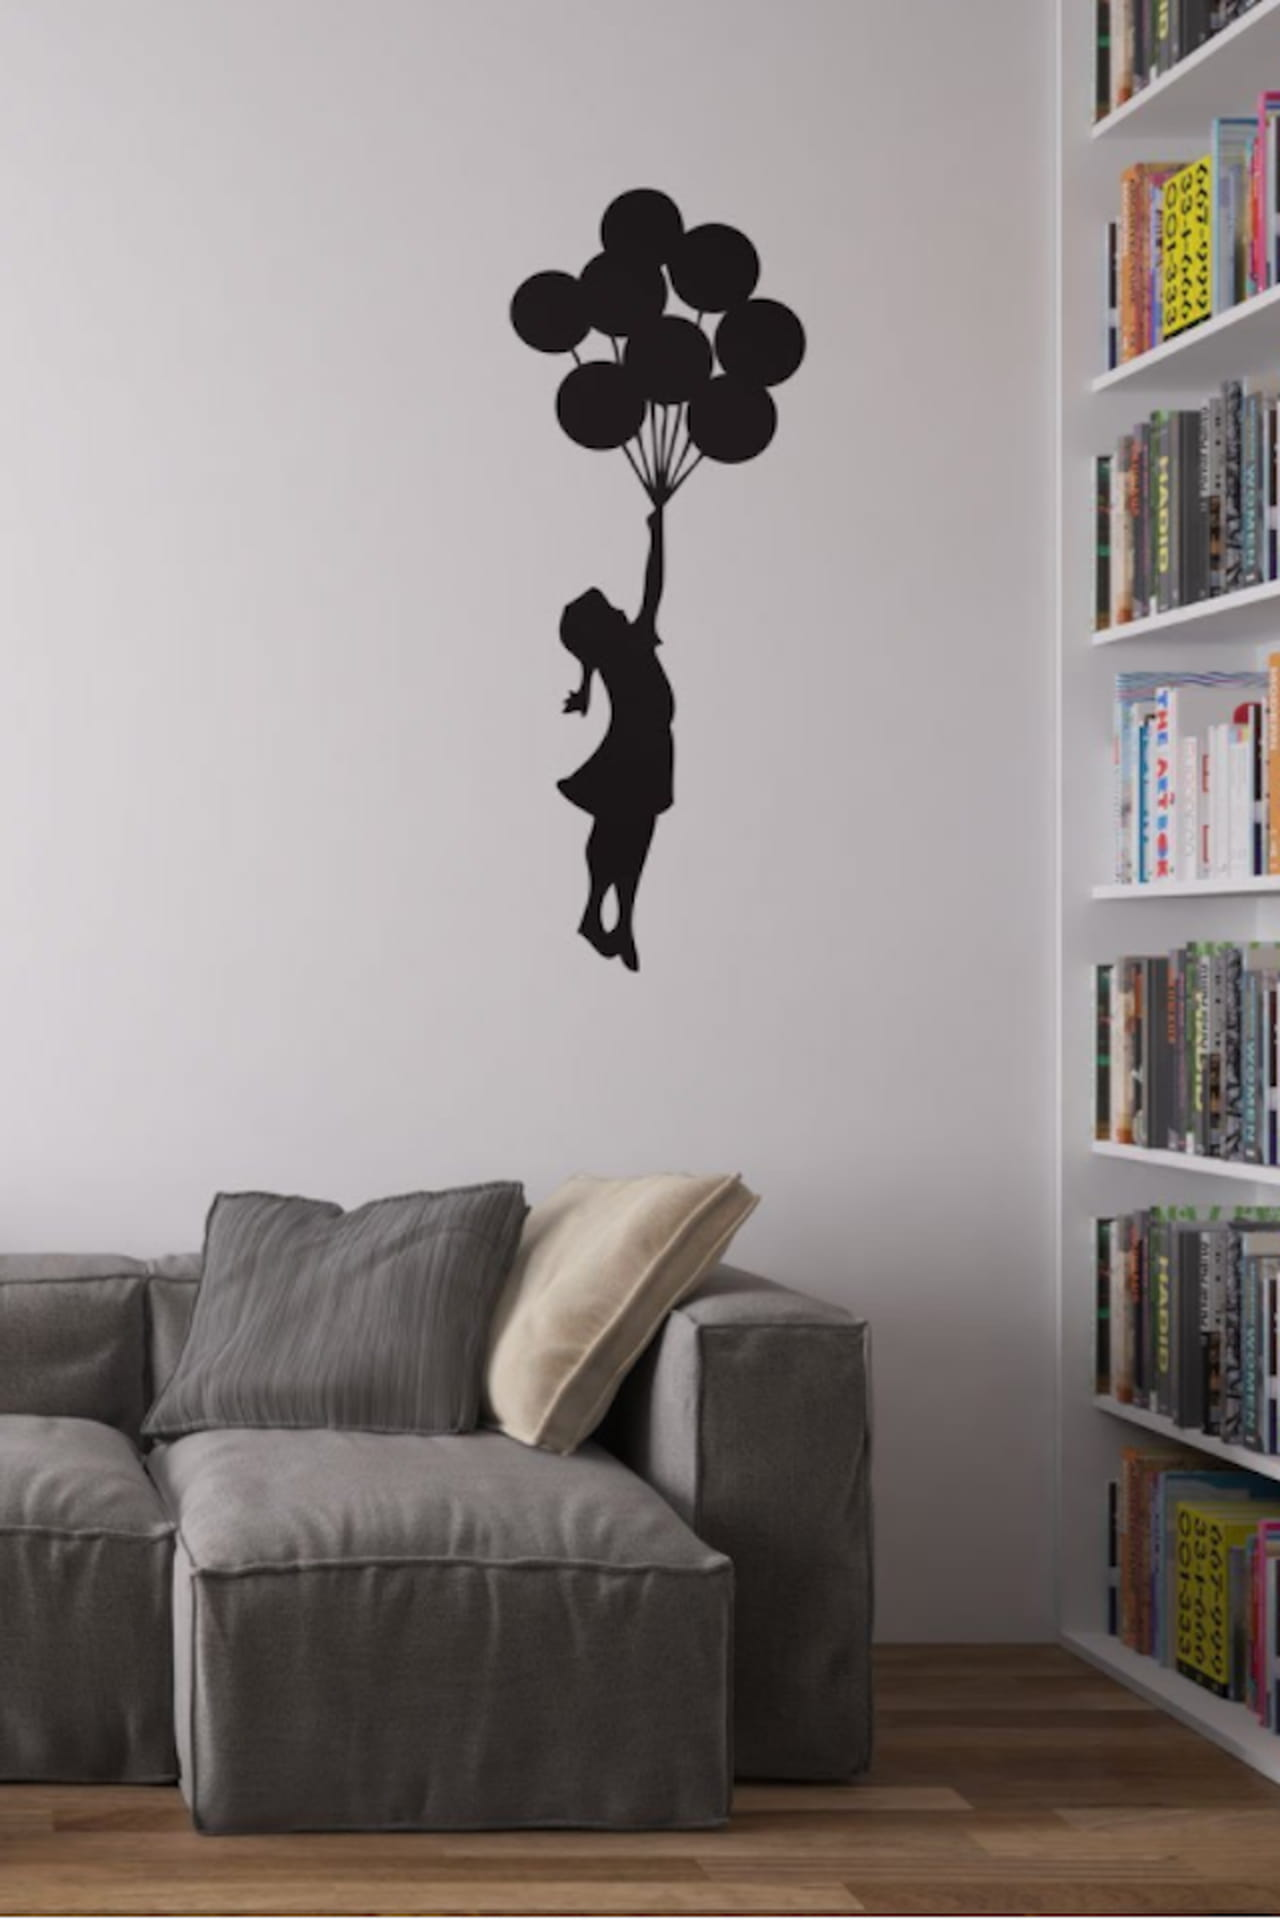 Decorazioni pareti adesivi per personalizzare i muri for Decorazioni pareti cucina